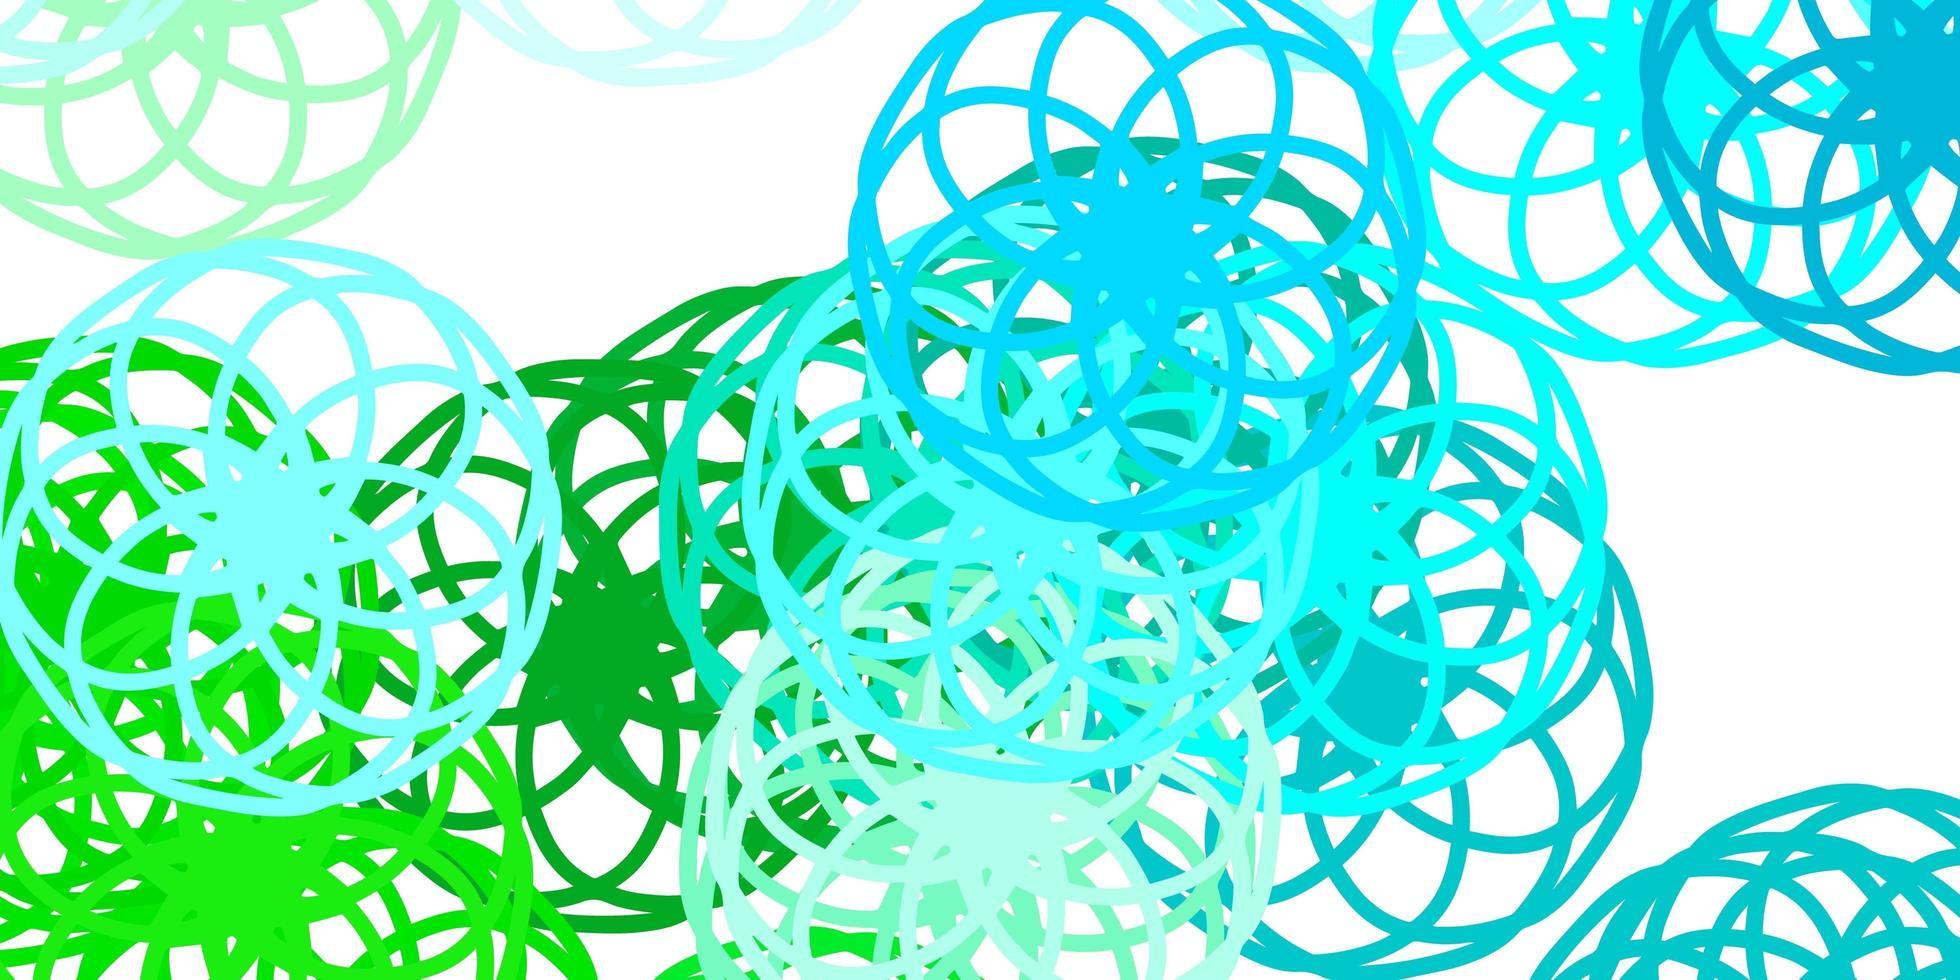 lichtblauwe, groene vectortextuur met schijven vector